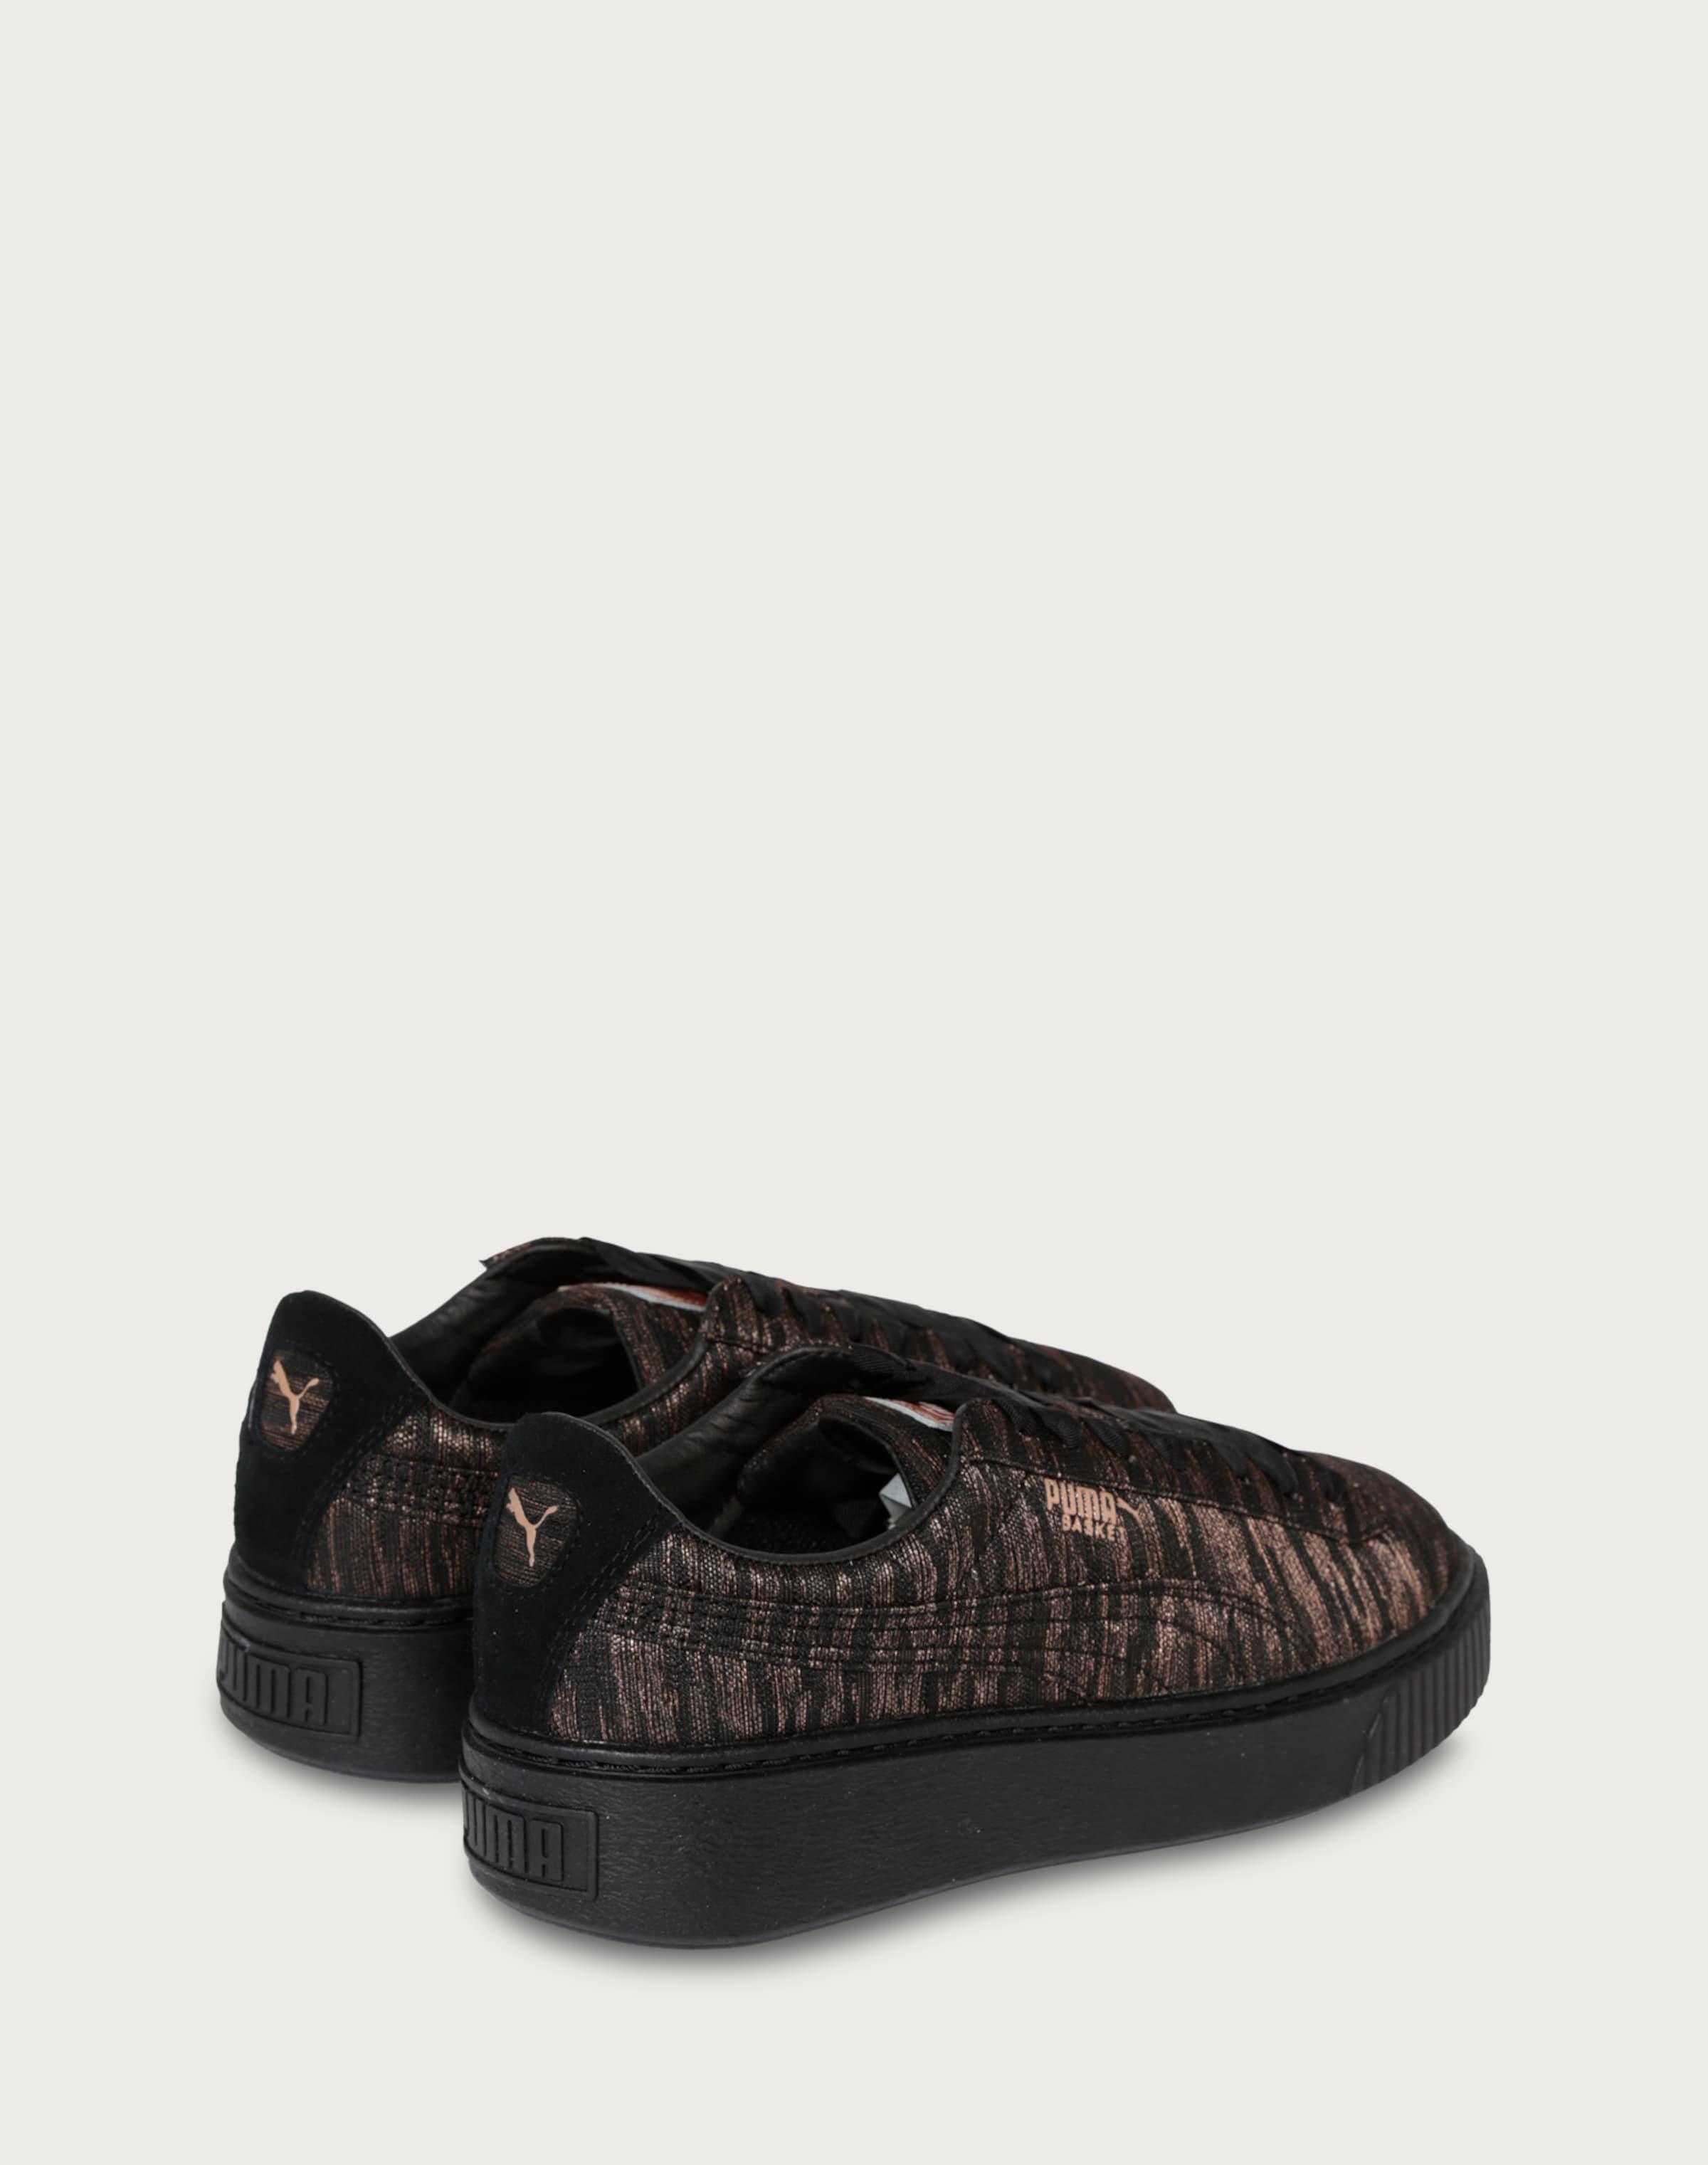 PUMA Sneaker 'Basket Platform' Billige Neuesten Kollektionen Verkauf Shop-Angebot T32VgsP1